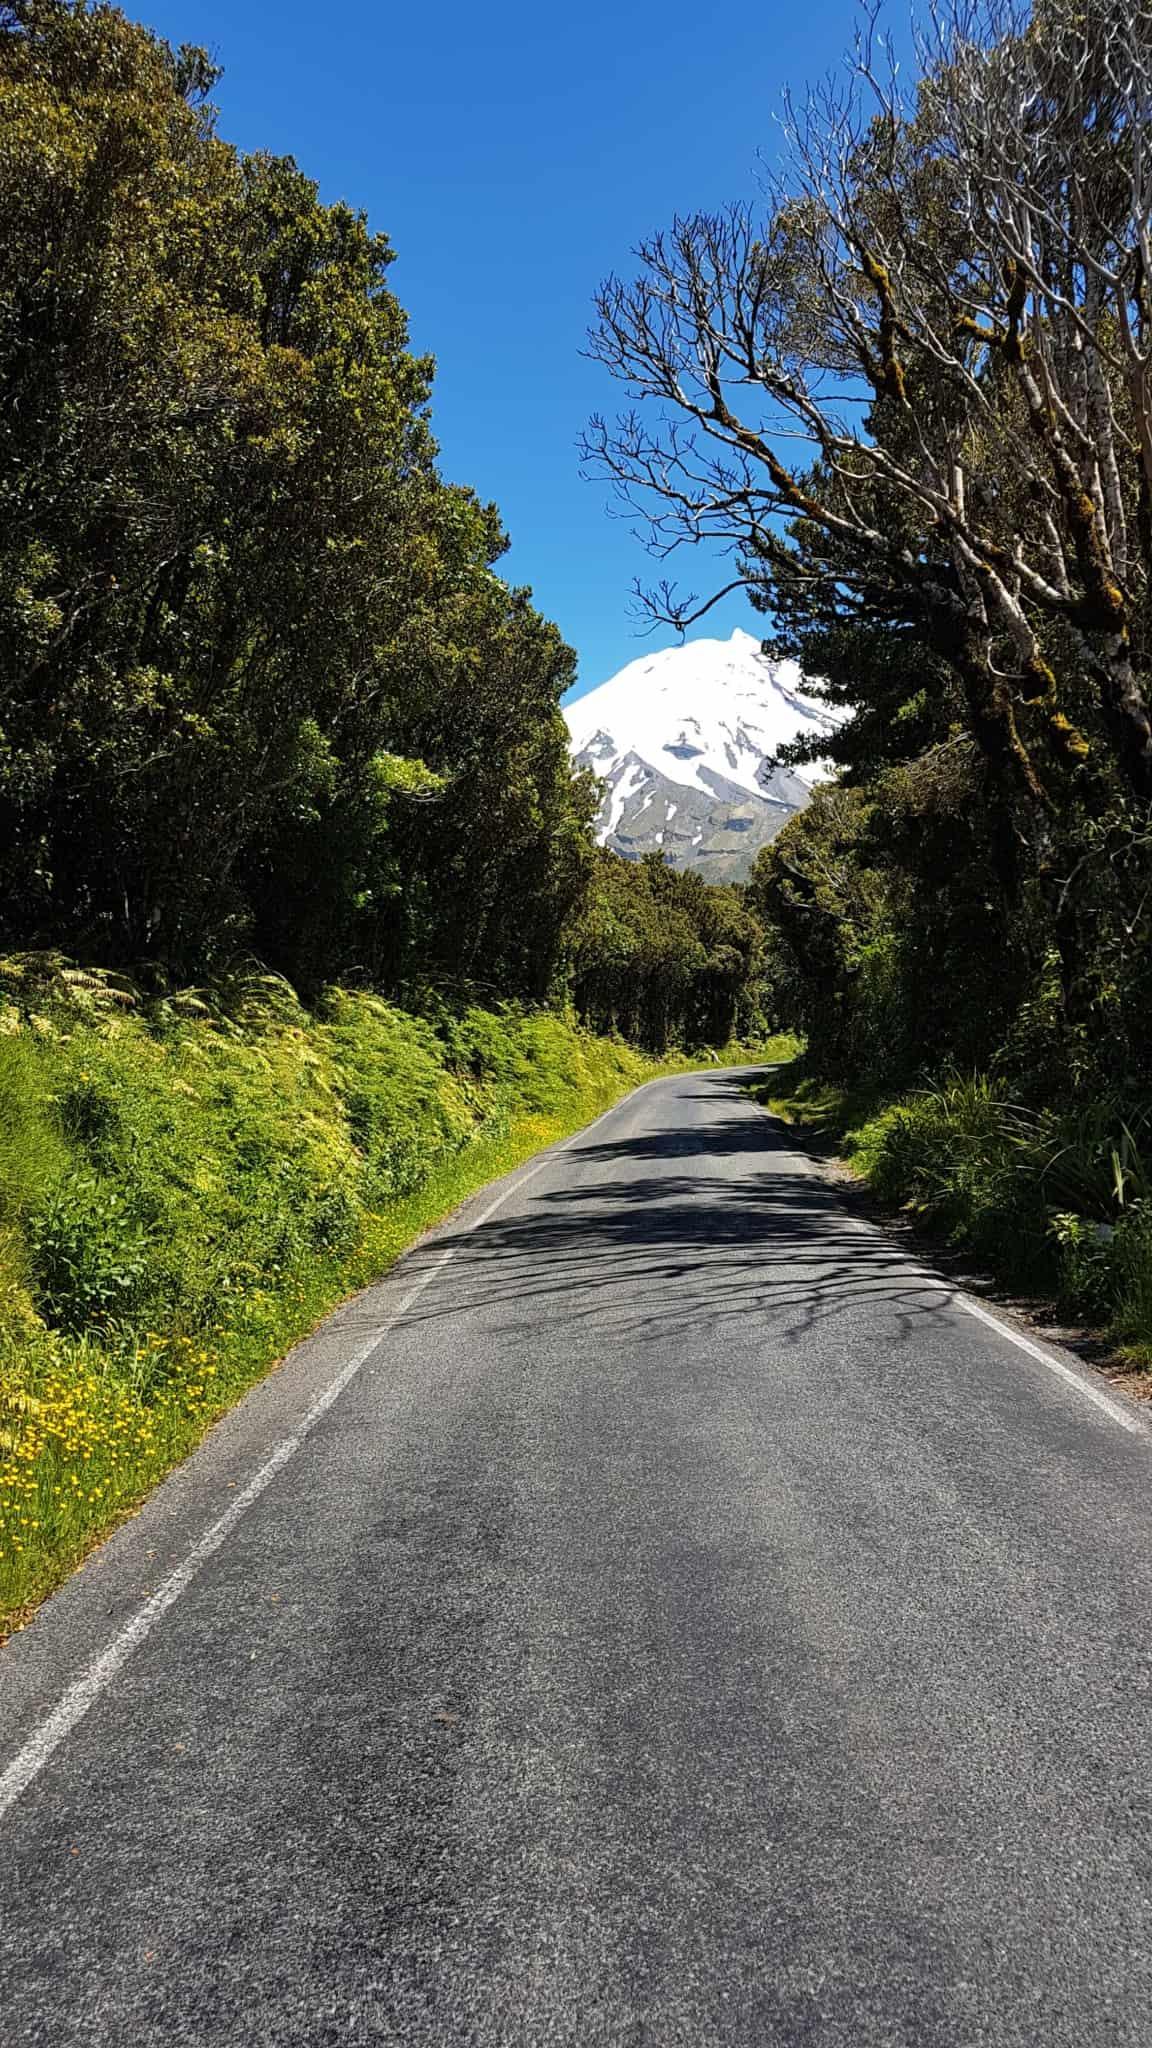 Nouvelle-Zélande, quand ta randonnée se transforme en chasse au trésor dans la jungle 🕵️♂️ 12